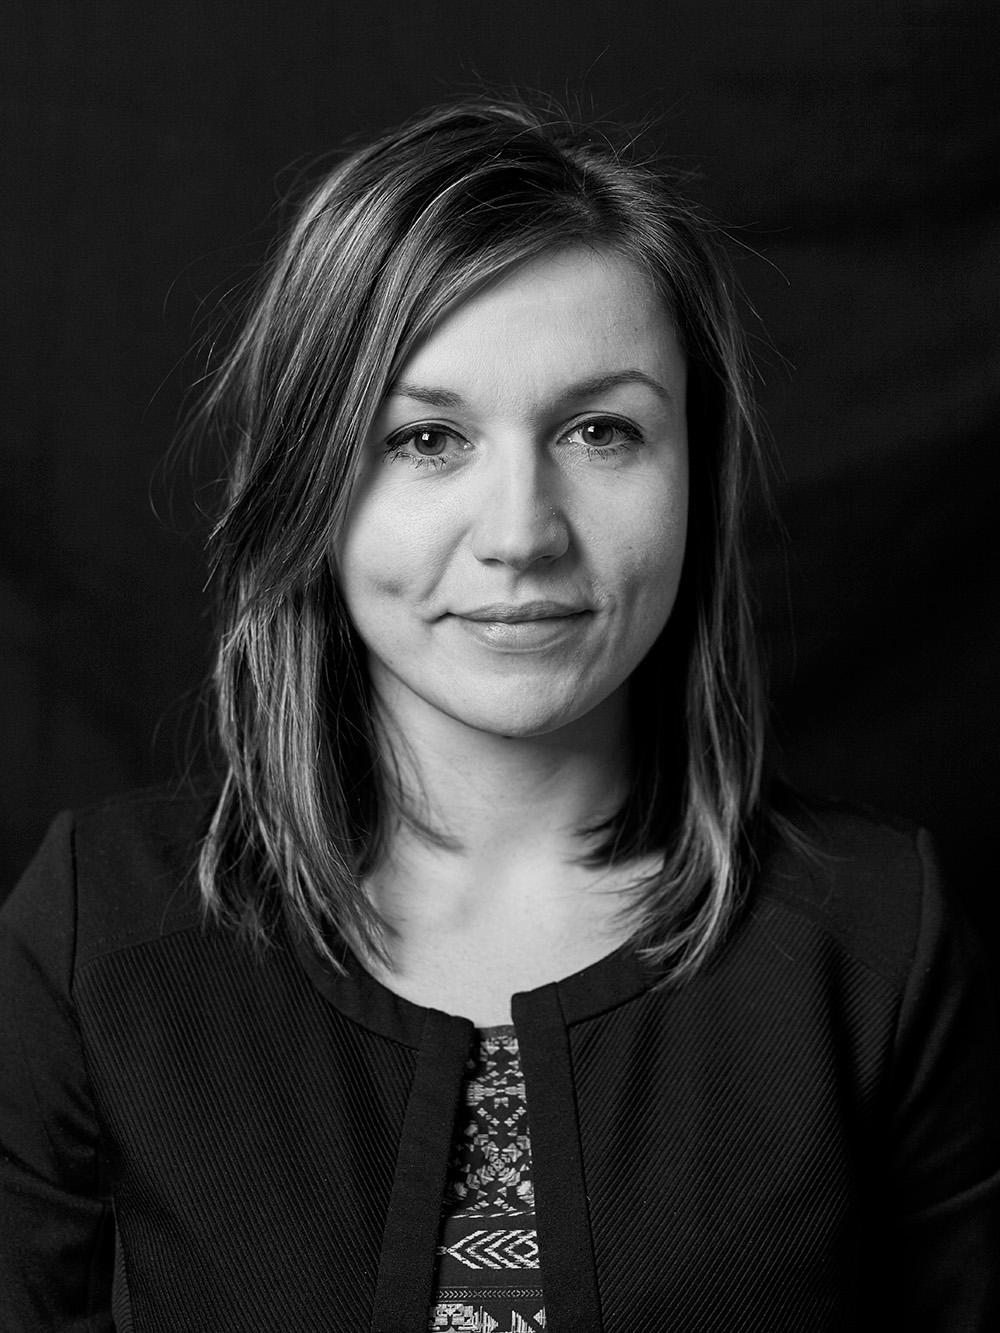 Joanna Lackorzynska